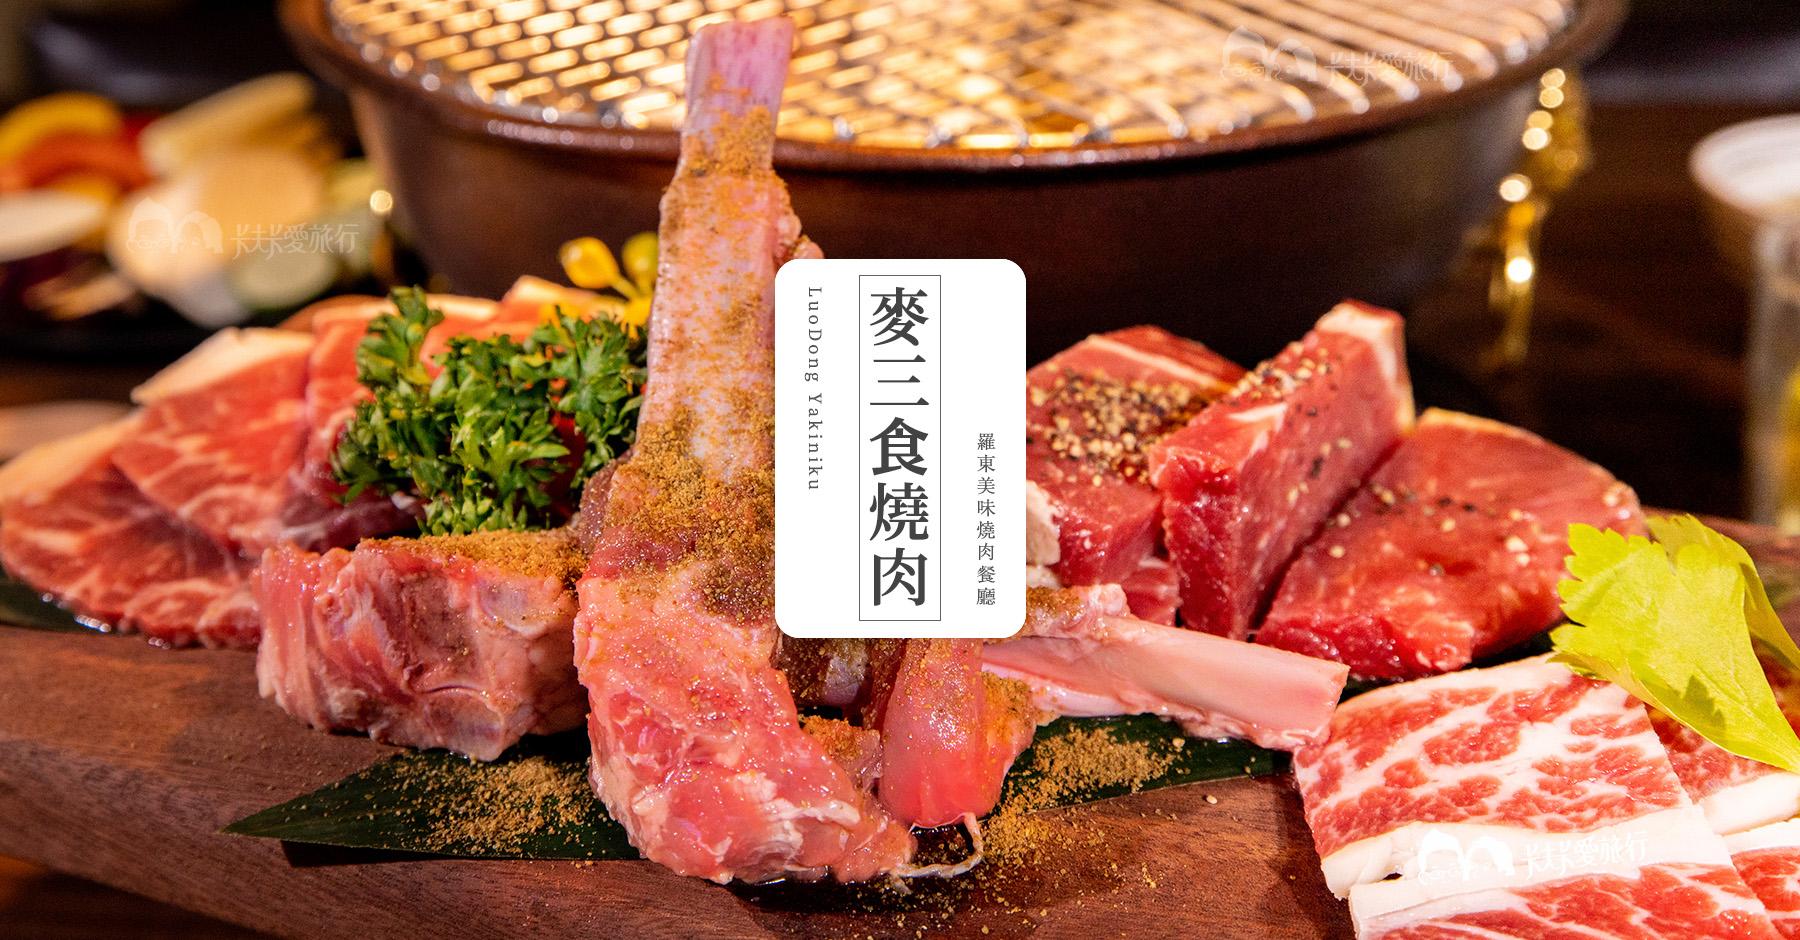 宜蘭羅東燒肉|麥三食燒肉百匯|大口吃肉燒烤12盎司厚切沙朗牛貝里斯龍蝦生蠔